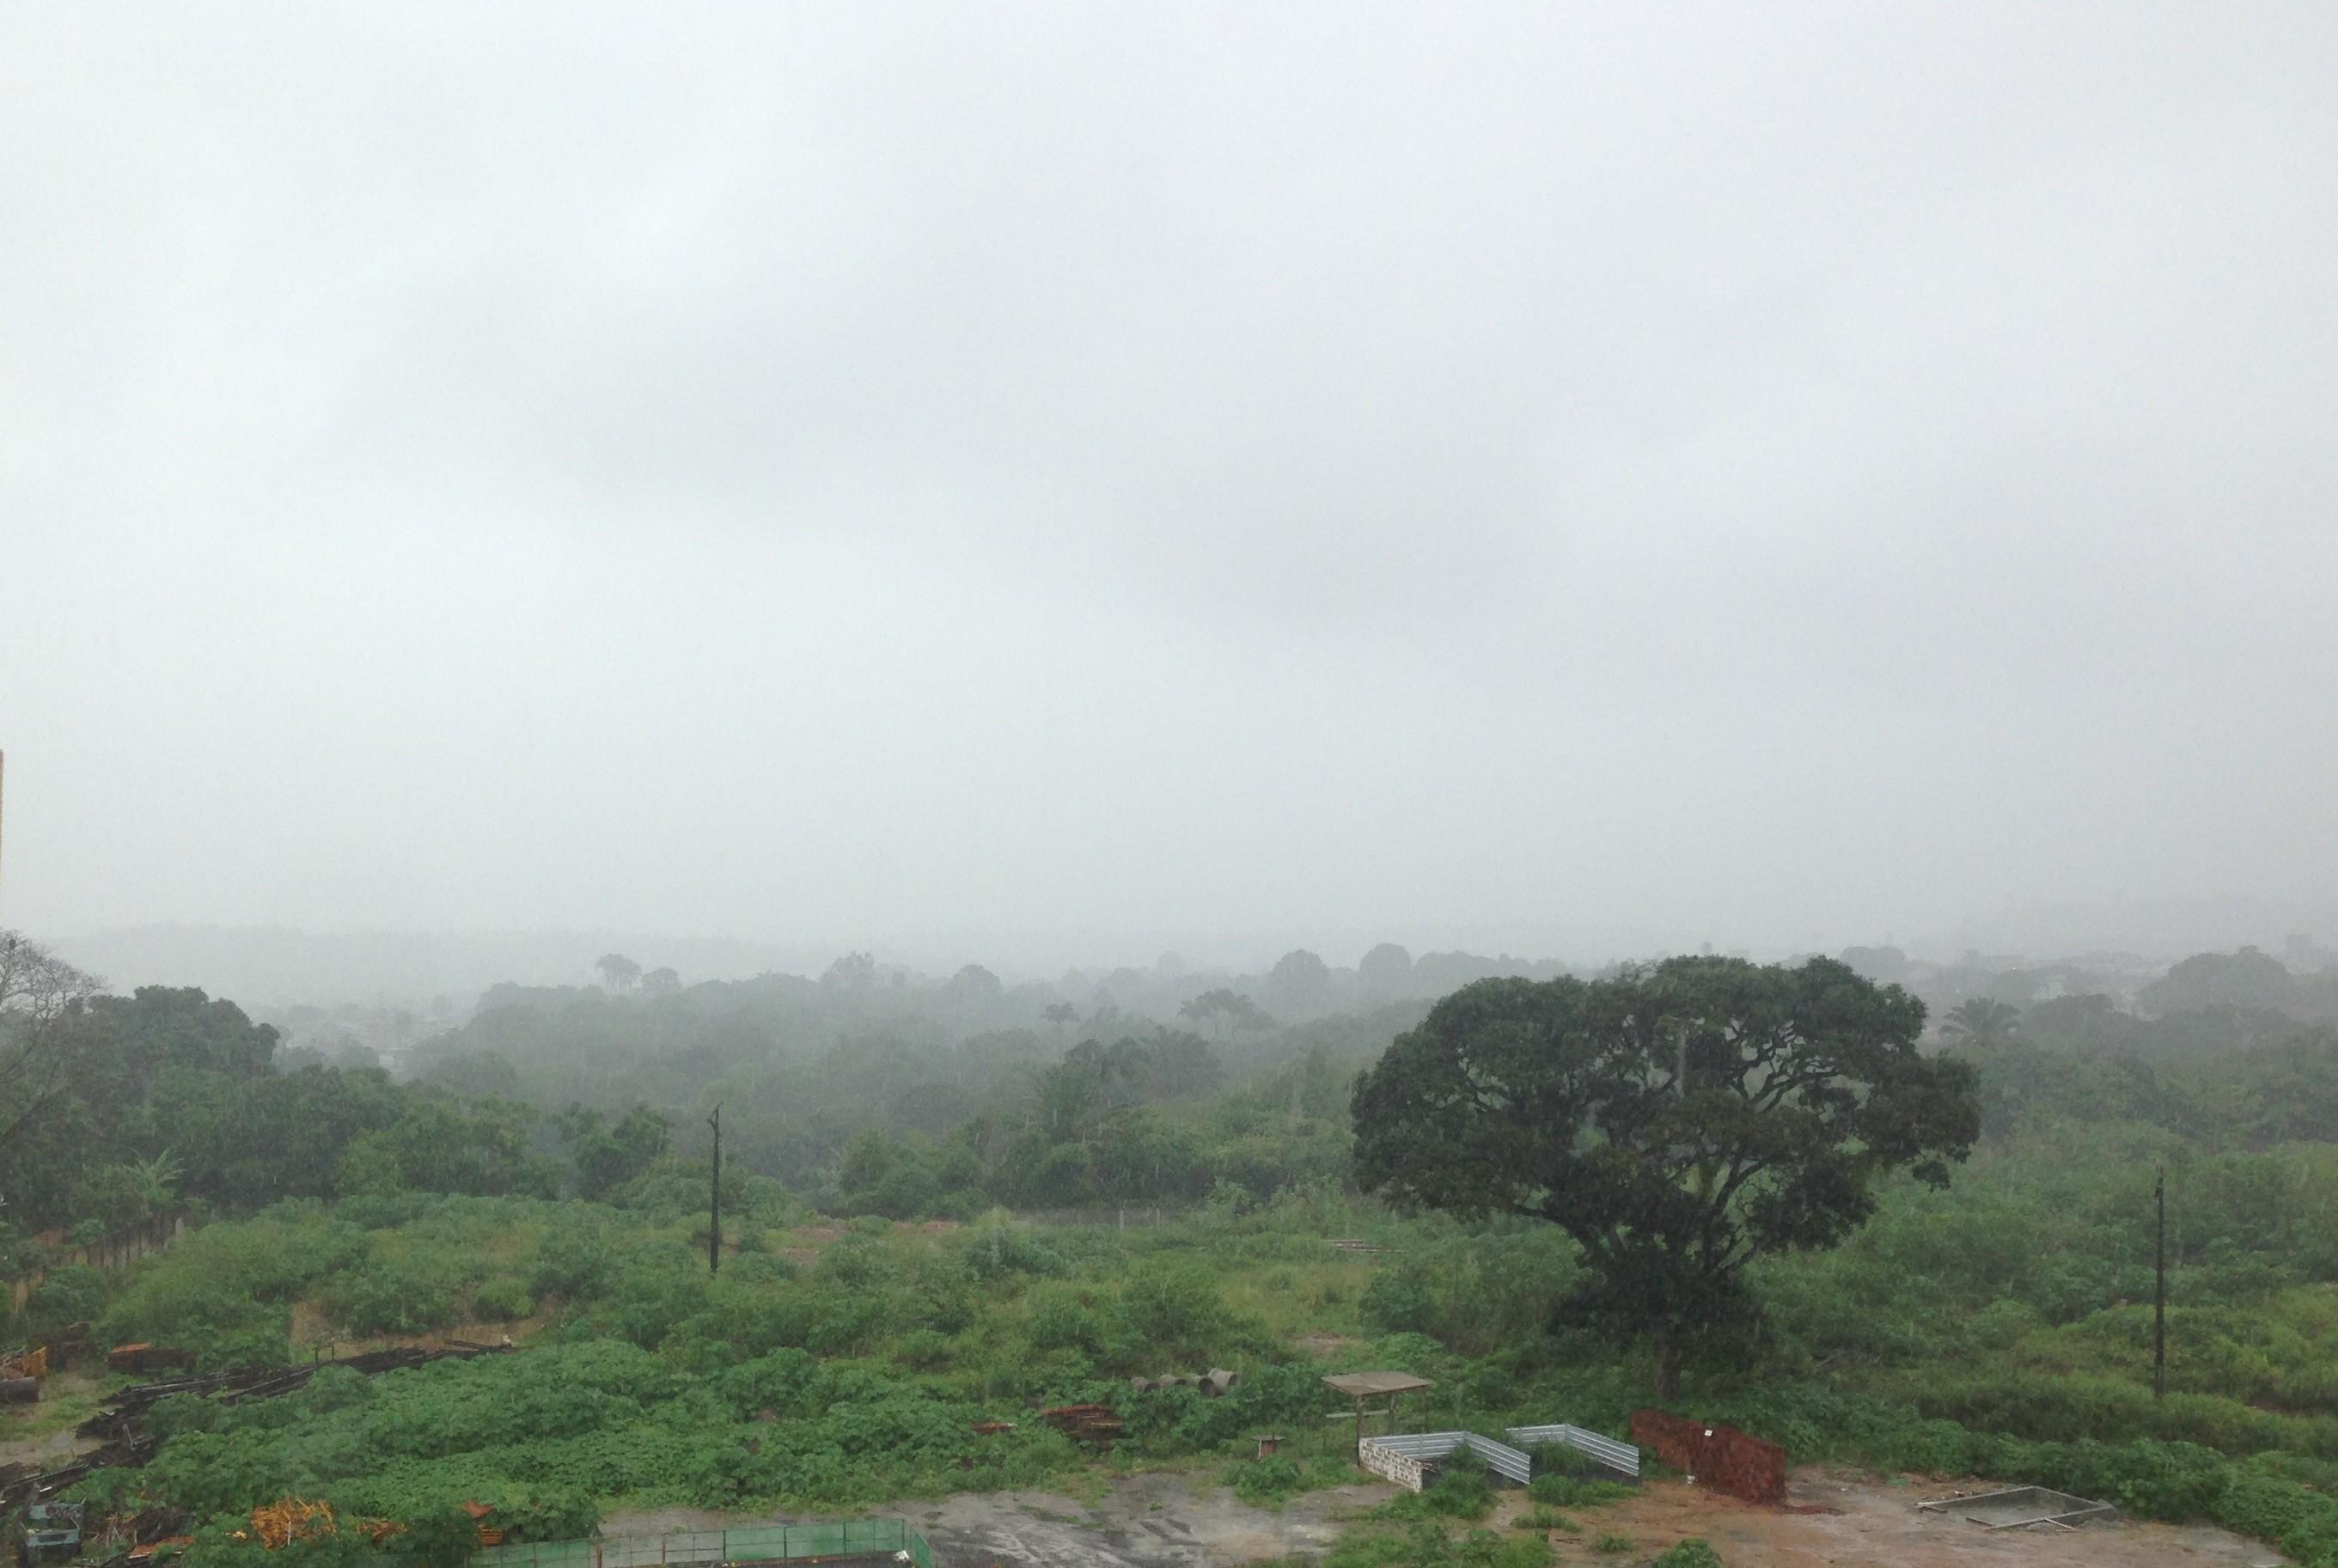 Região Metropolitana do Recife, Zona da Mata e Agreste têm alerta de chuva moderada a forte